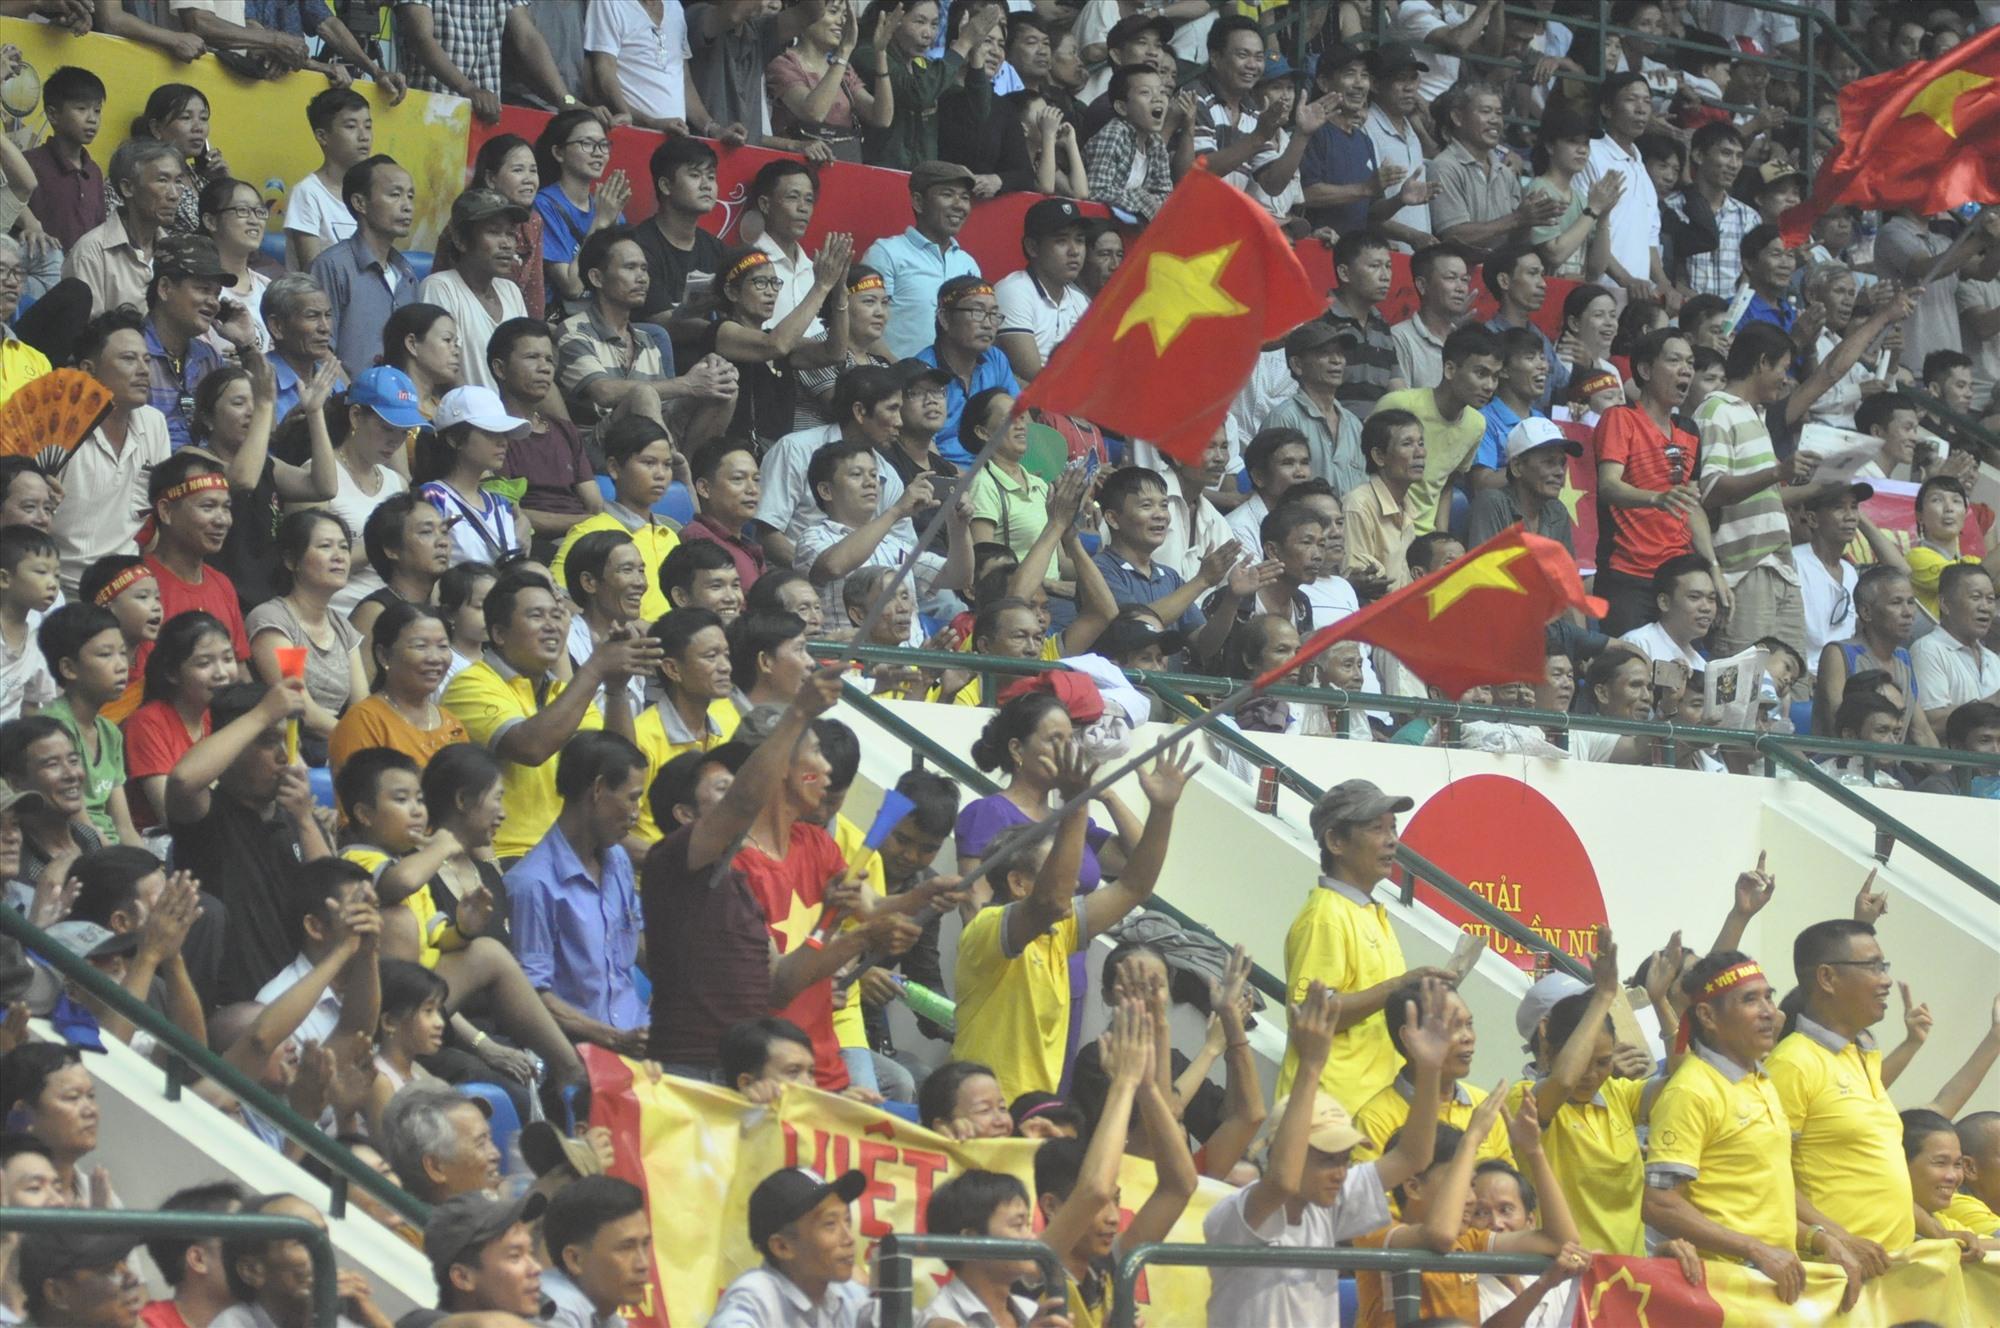 Khán giả Quảng Nam đã tạo ra không khí sôi động trên khán đài Nhà thi đấu TD-TT tỉnh tại giải bóng chuyền quốc tế VTV  Cup. Ảnh:T.Vy